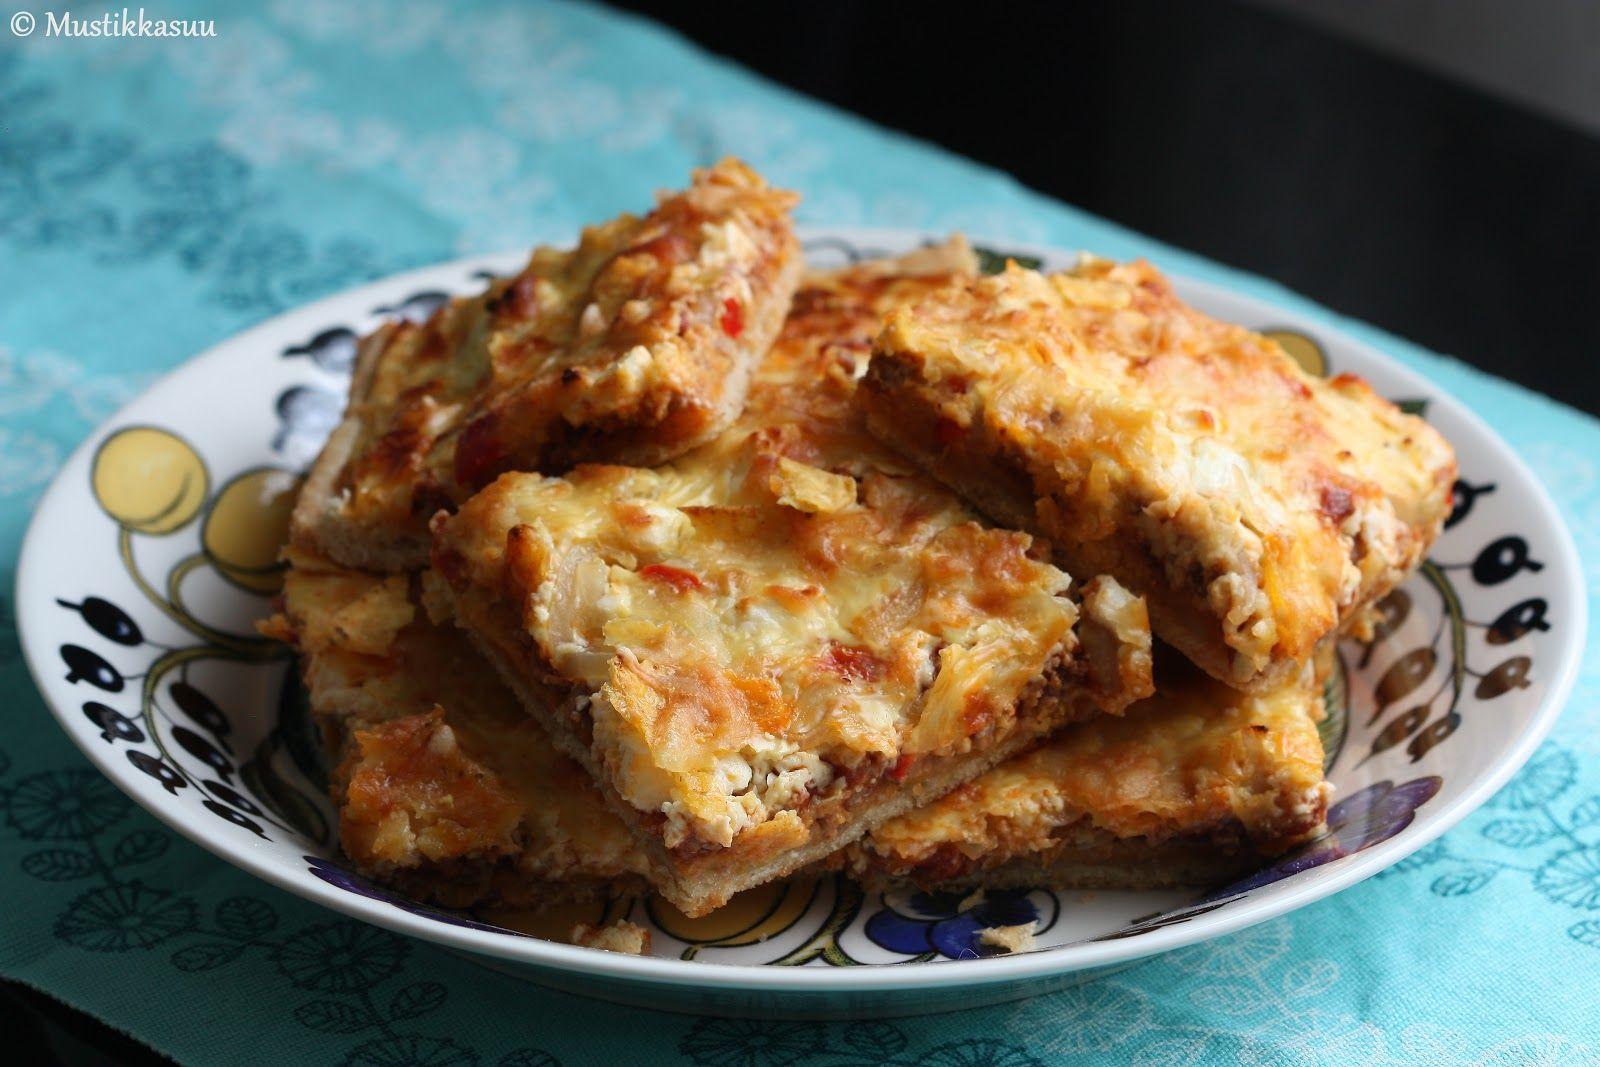 Mustikkasuu: Suolaiset leivonnaiset